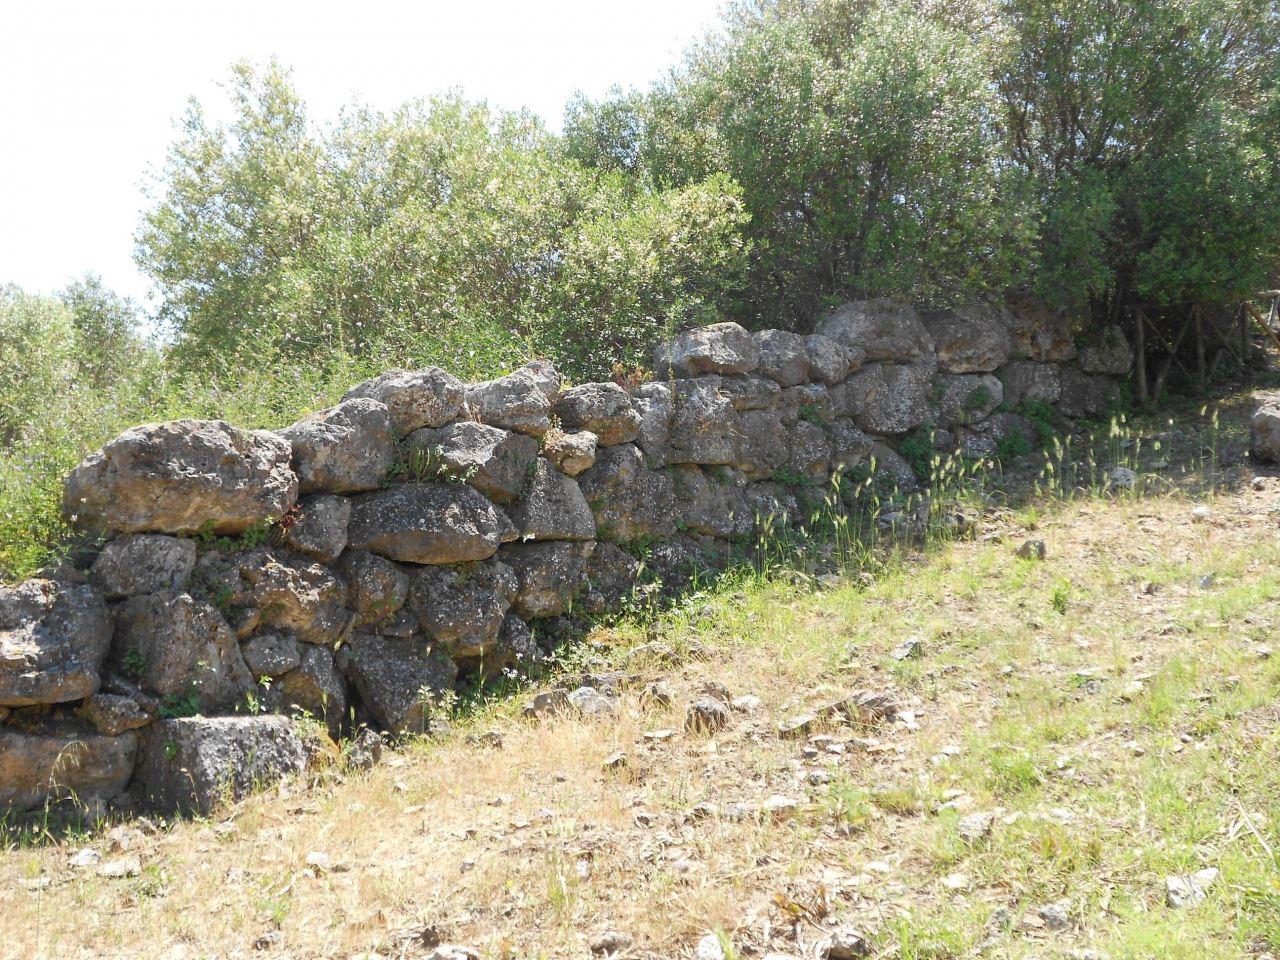 Cosa-Mura-Megalitiche-Ansedonia-Grosseto-Toscana-Italia-45